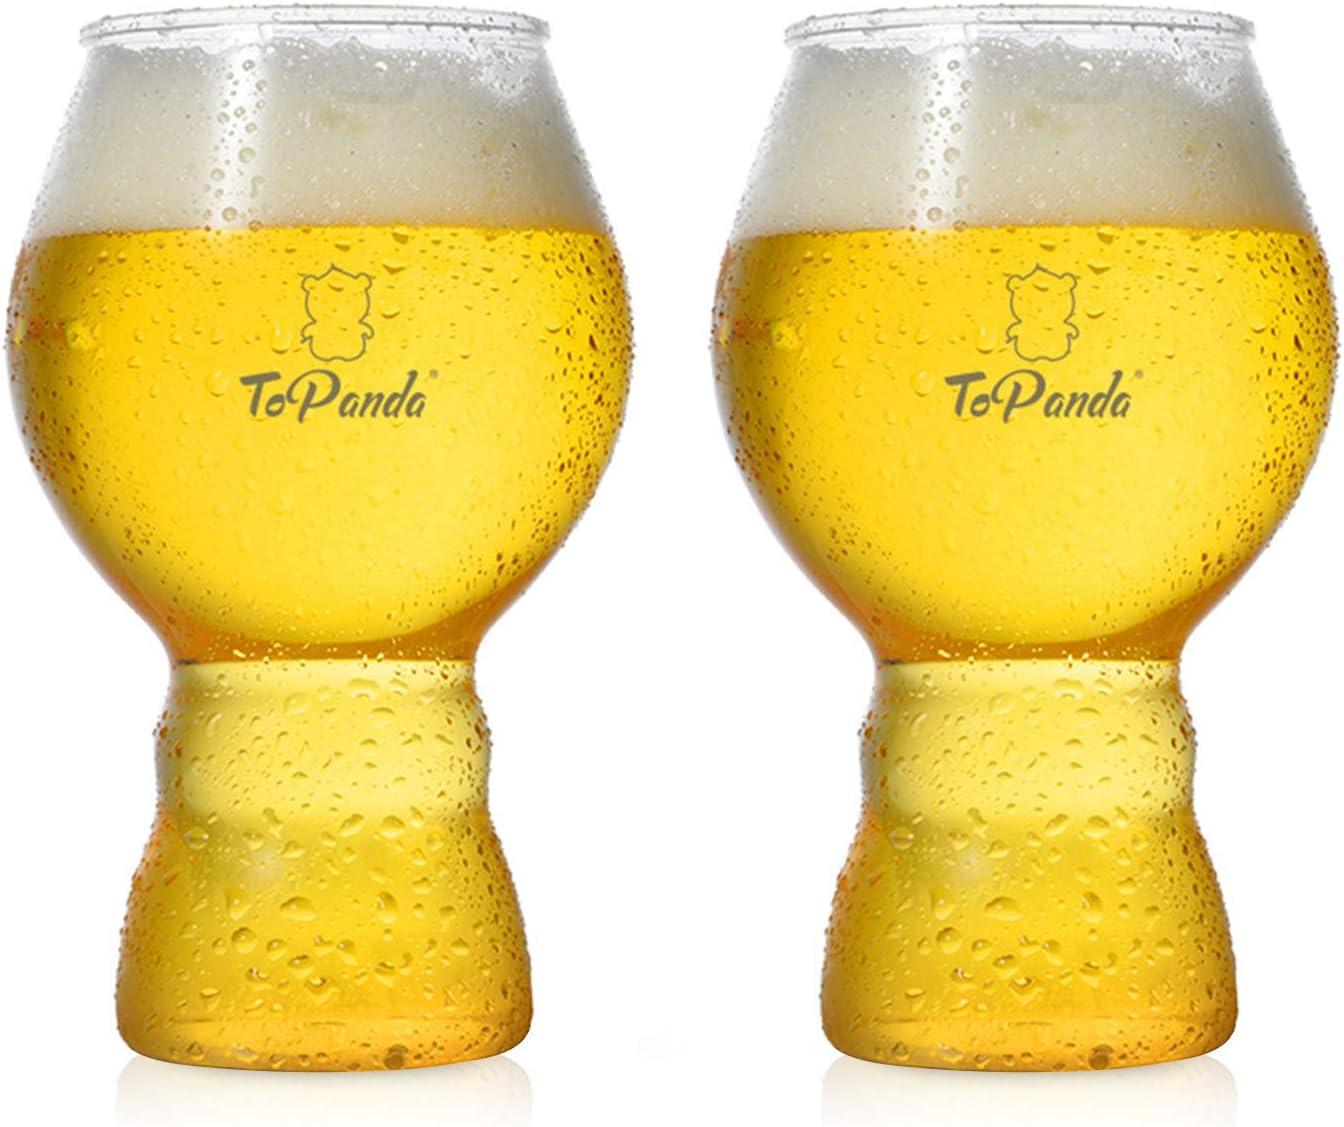 XGzhsa Jarra de cerveza, jarra de plástico, 2 tazas de cerveza duraderas a prueba de caídas y resistencia a altas temperaturas, jarras de cerveza creativas para bar en casa (Taza de copa, 560 ml)